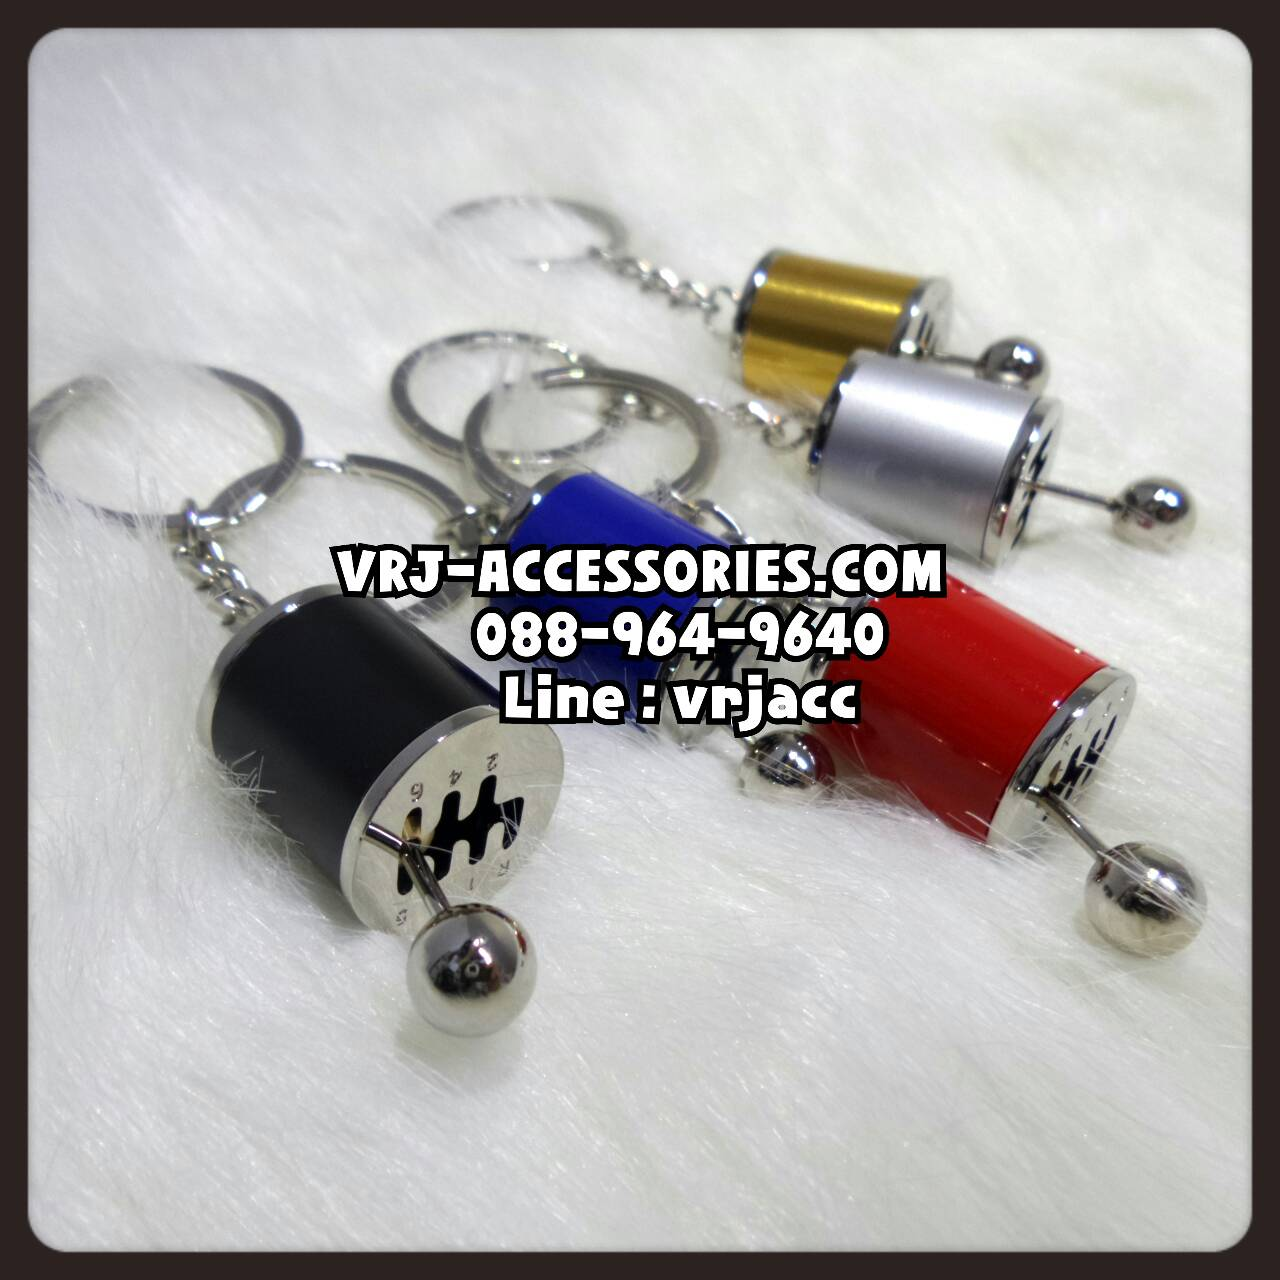 พวงกุญแจ กระปุกเกียร์ พวงกุญแจรถซิ่ง : Keychain – Kear Knob